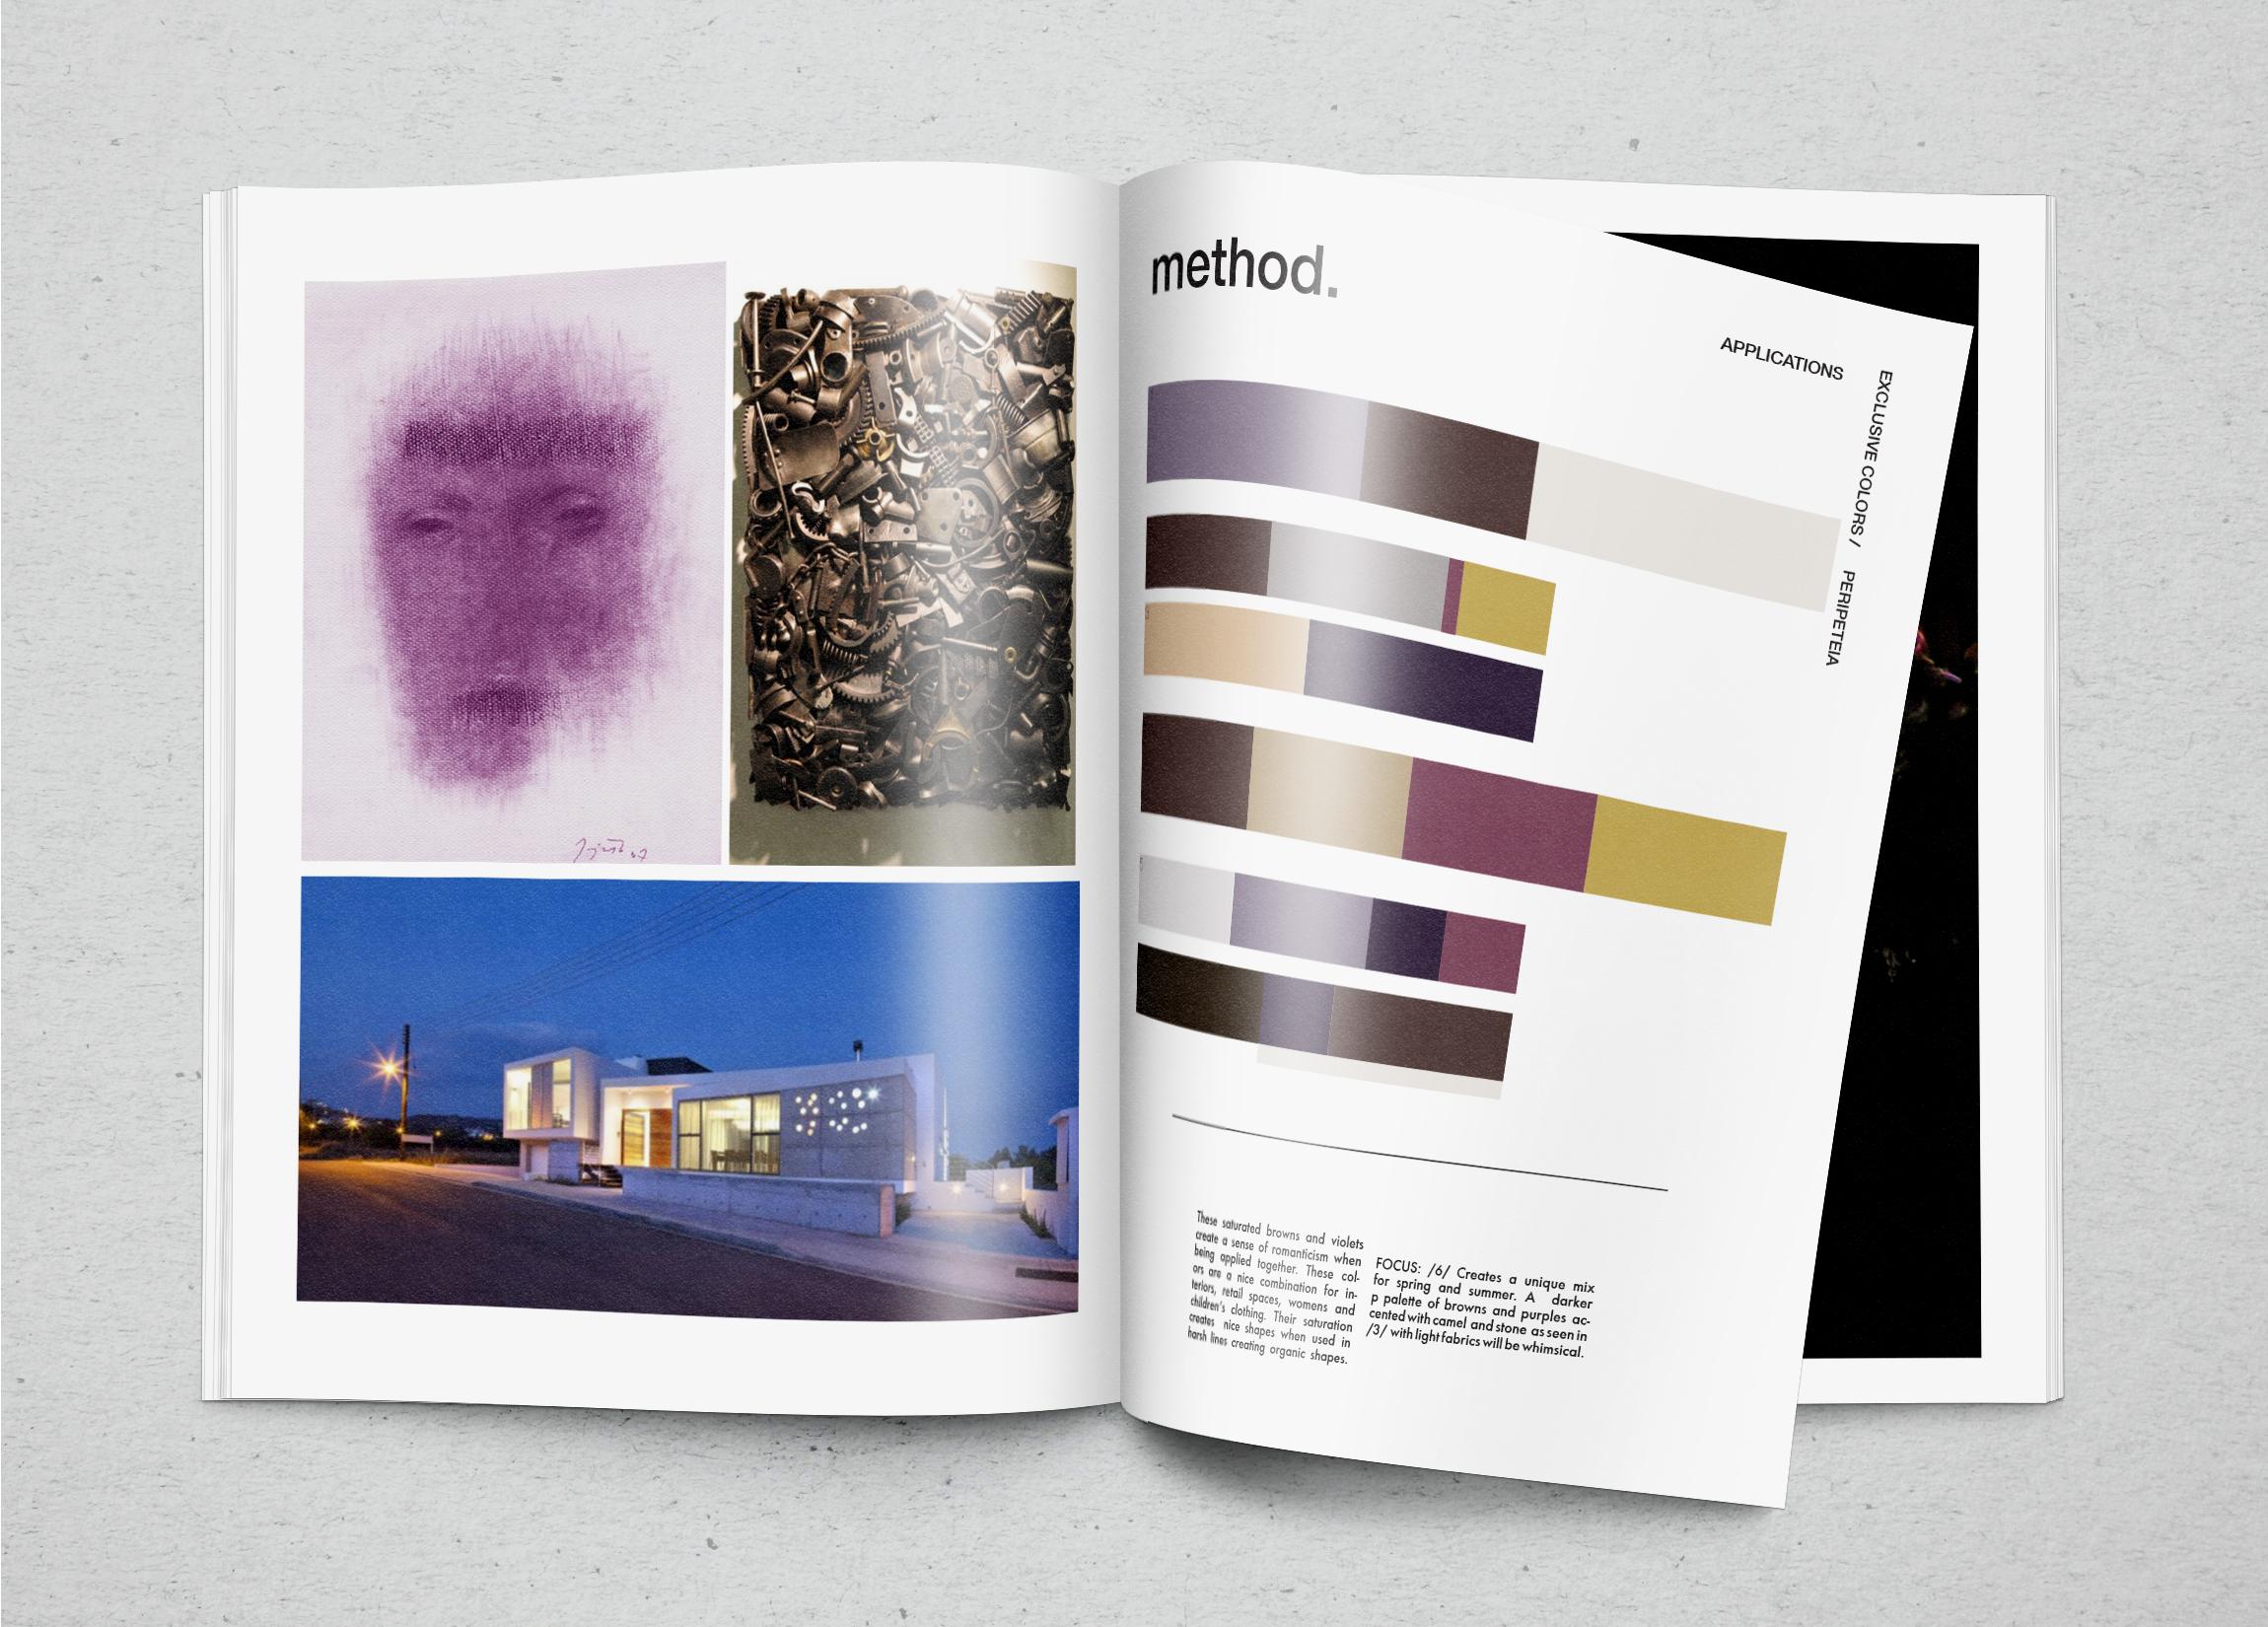 PARt_7Photorealistic Magazine MockUp.jpg